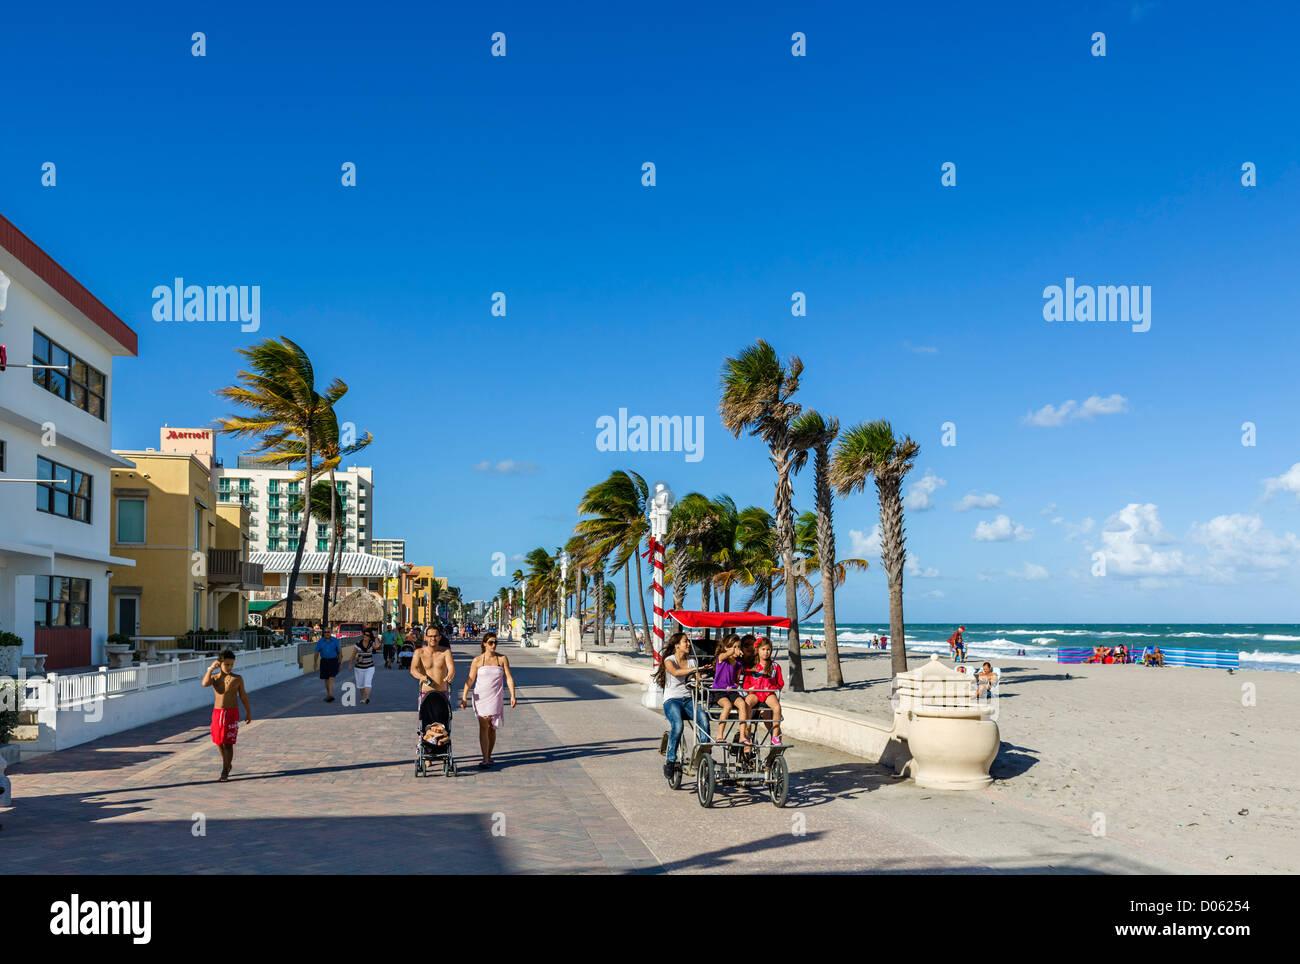 Die Promenade in Hollywood, in der Nähe von Fort Lauderdale, Broward County, Gold Coast, Florida, USA Stockbild